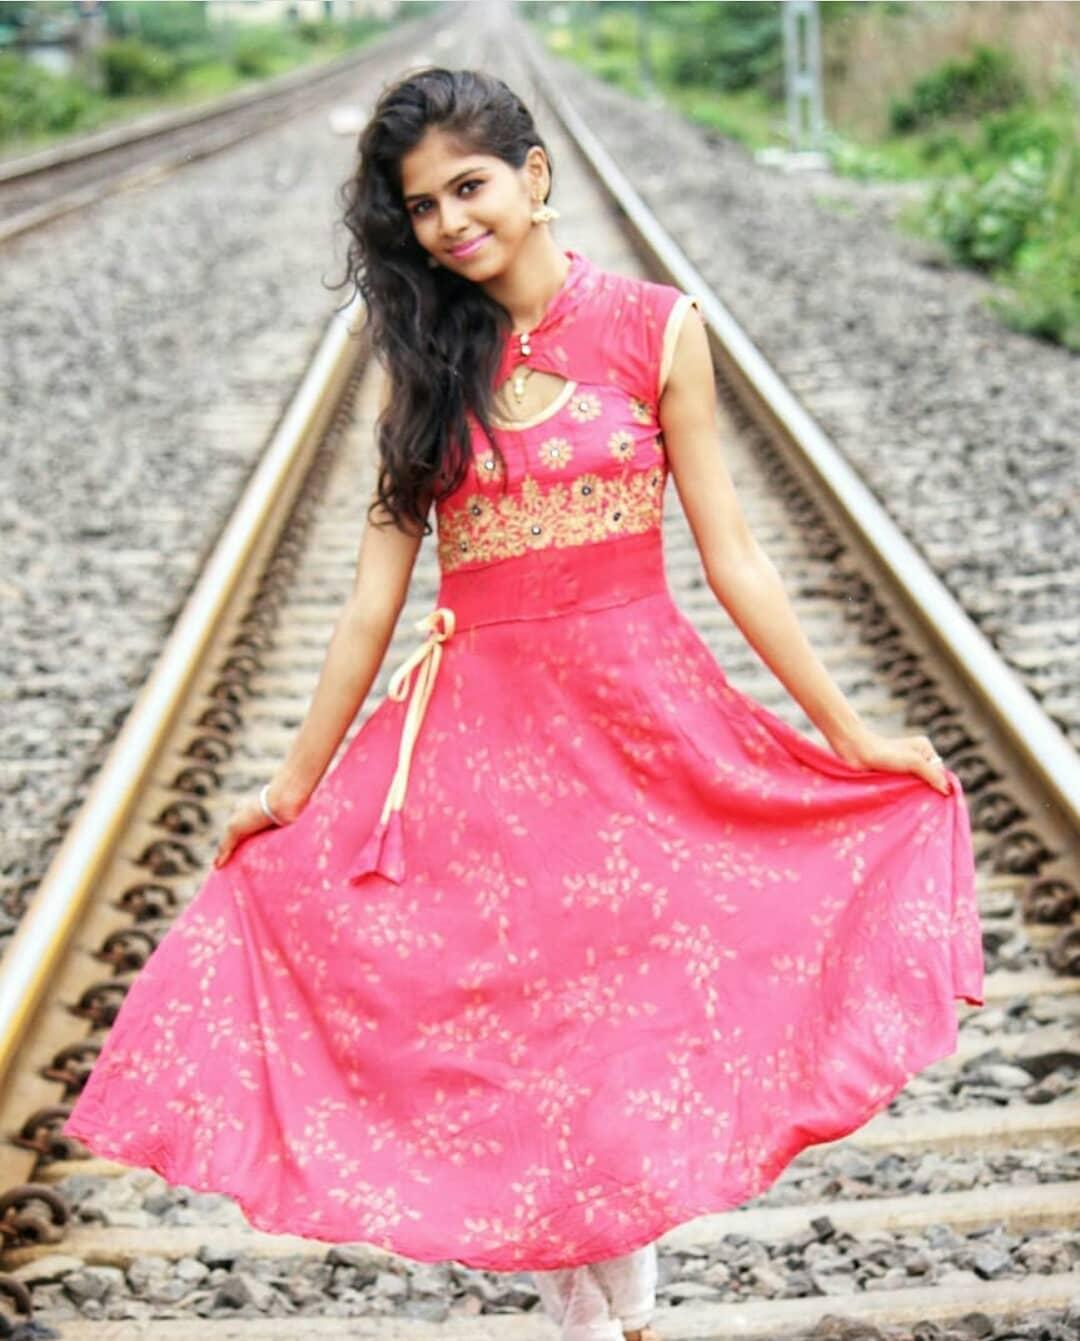 Indian Girl Hd